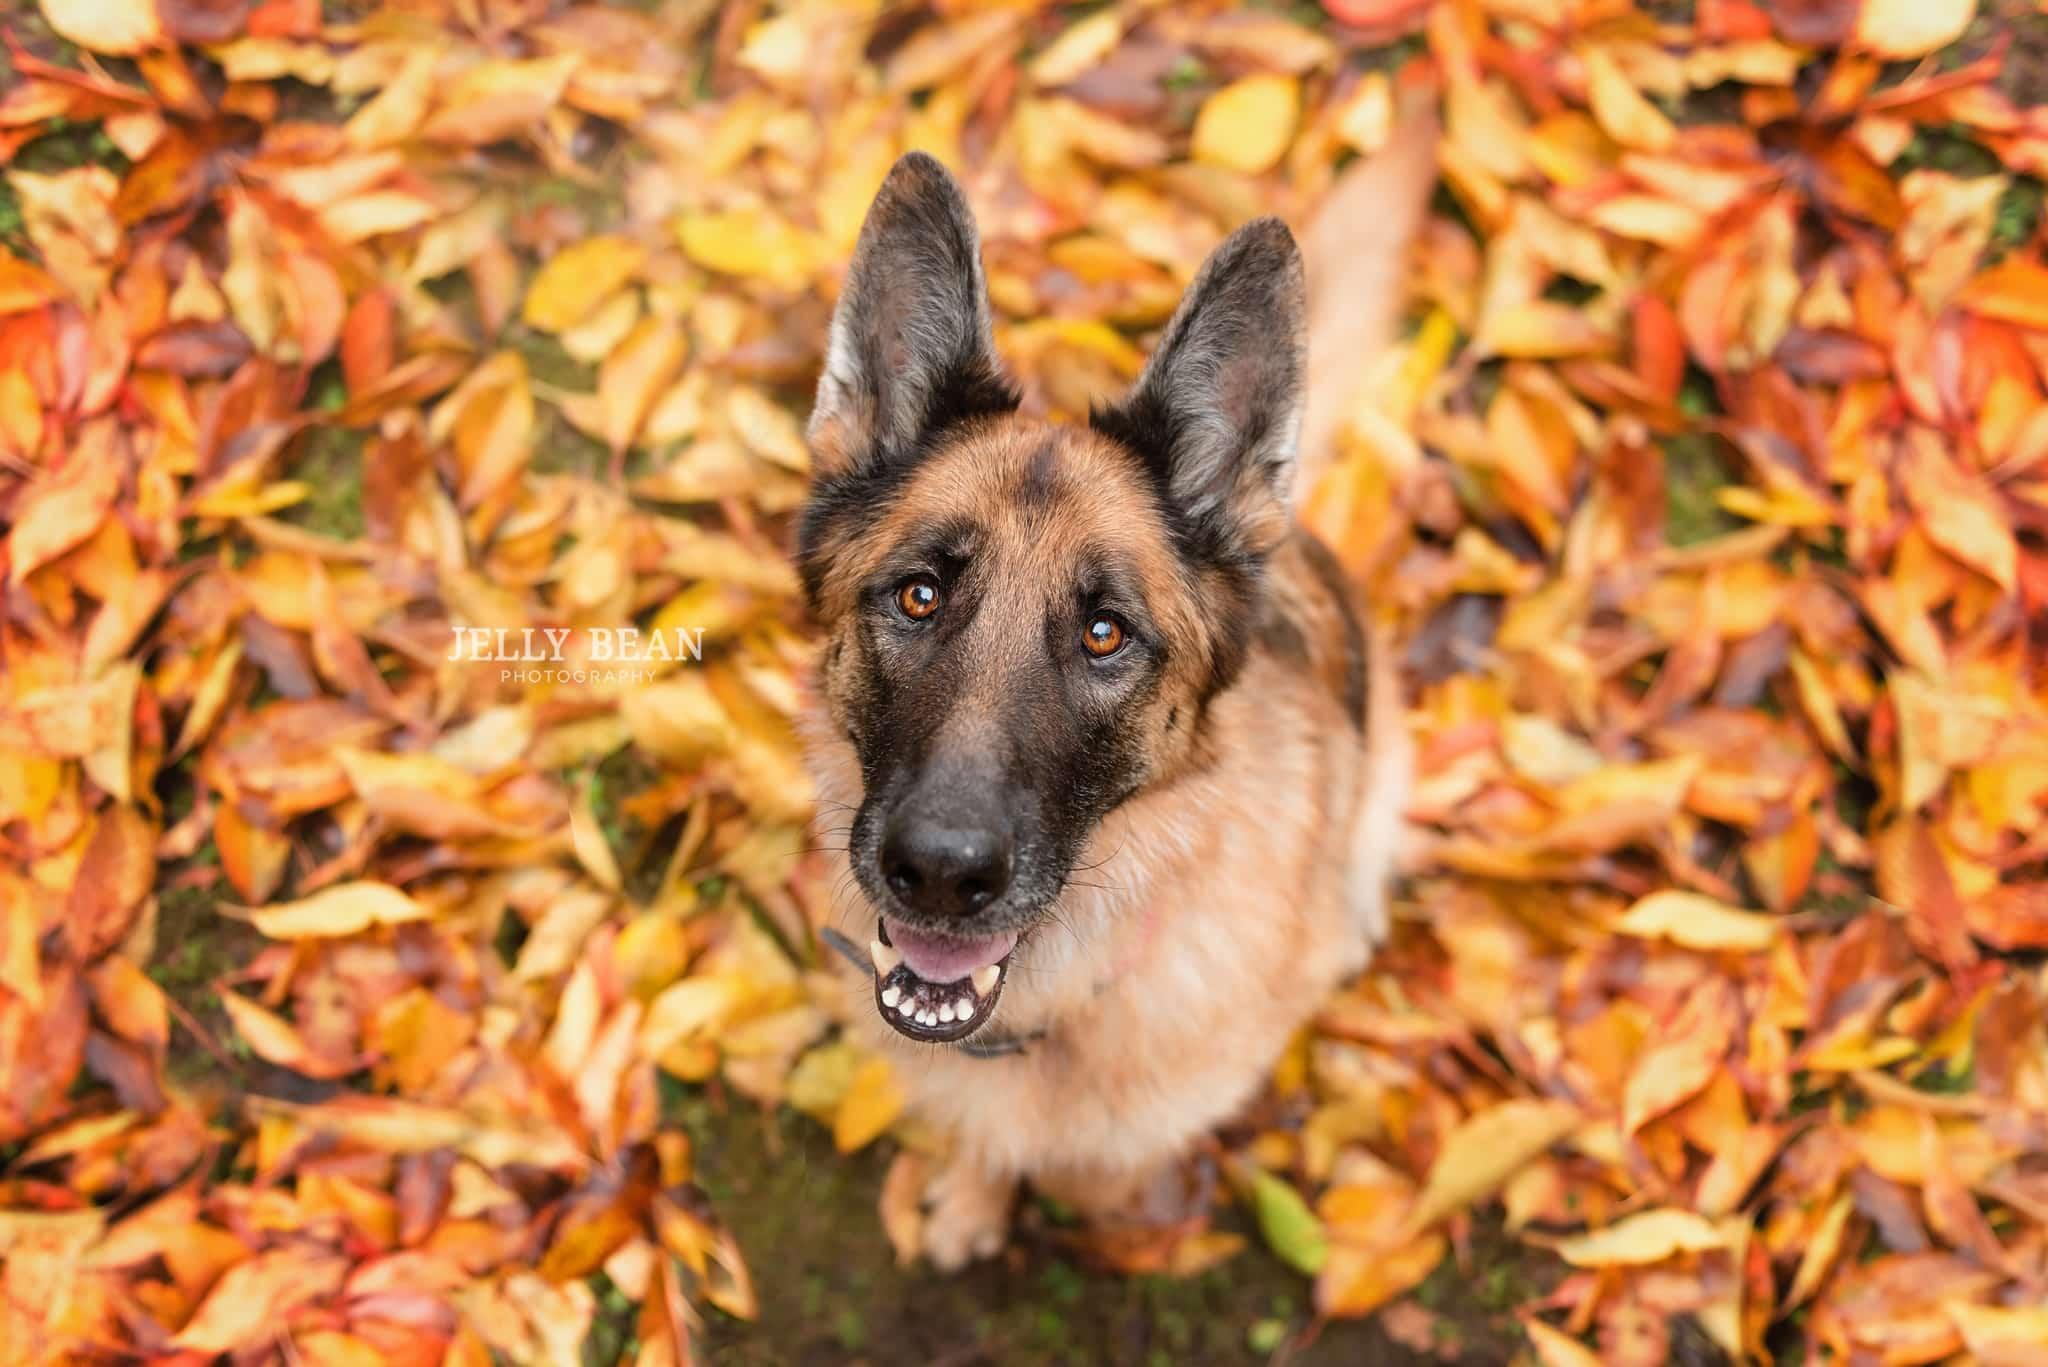 Wide angle shot of dog